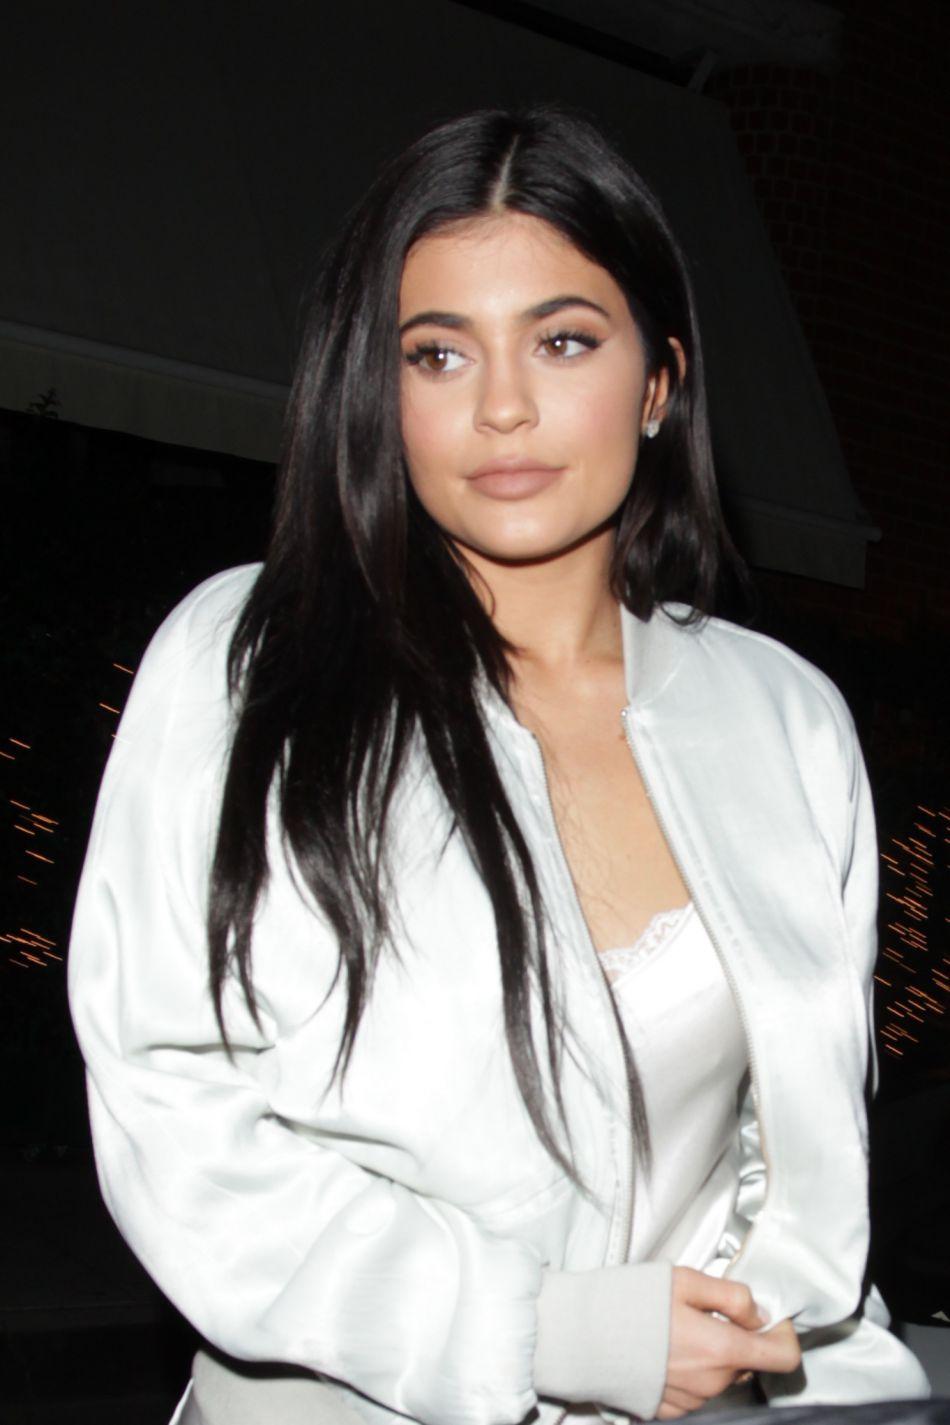 Kylie Jenner répond à la polémique sur ses rouges à lèvres.